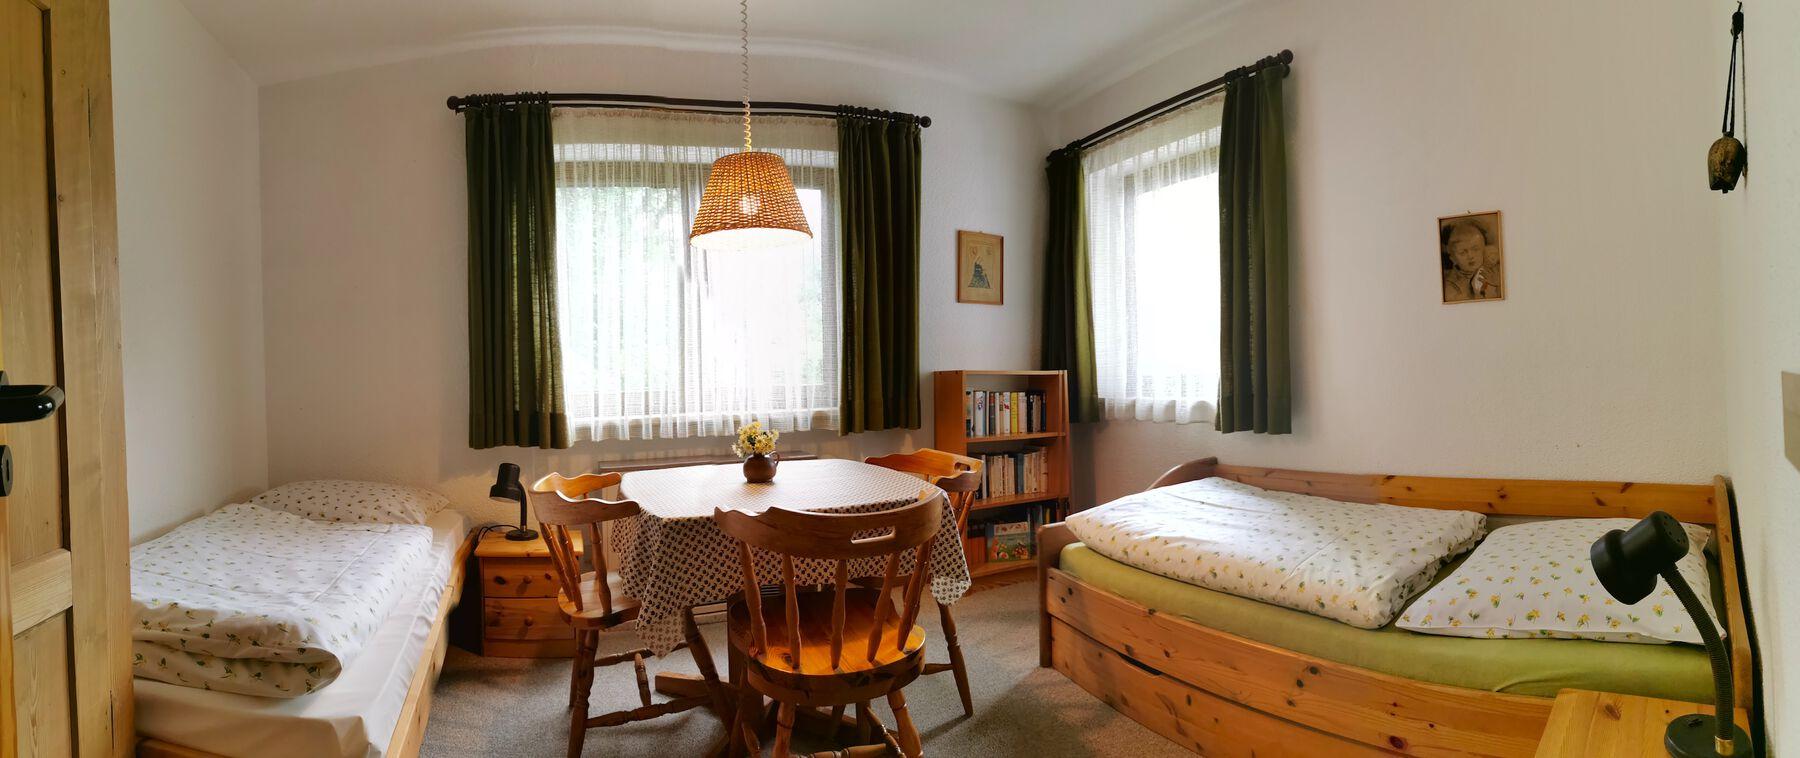 Schlafzimmer 3 EG: